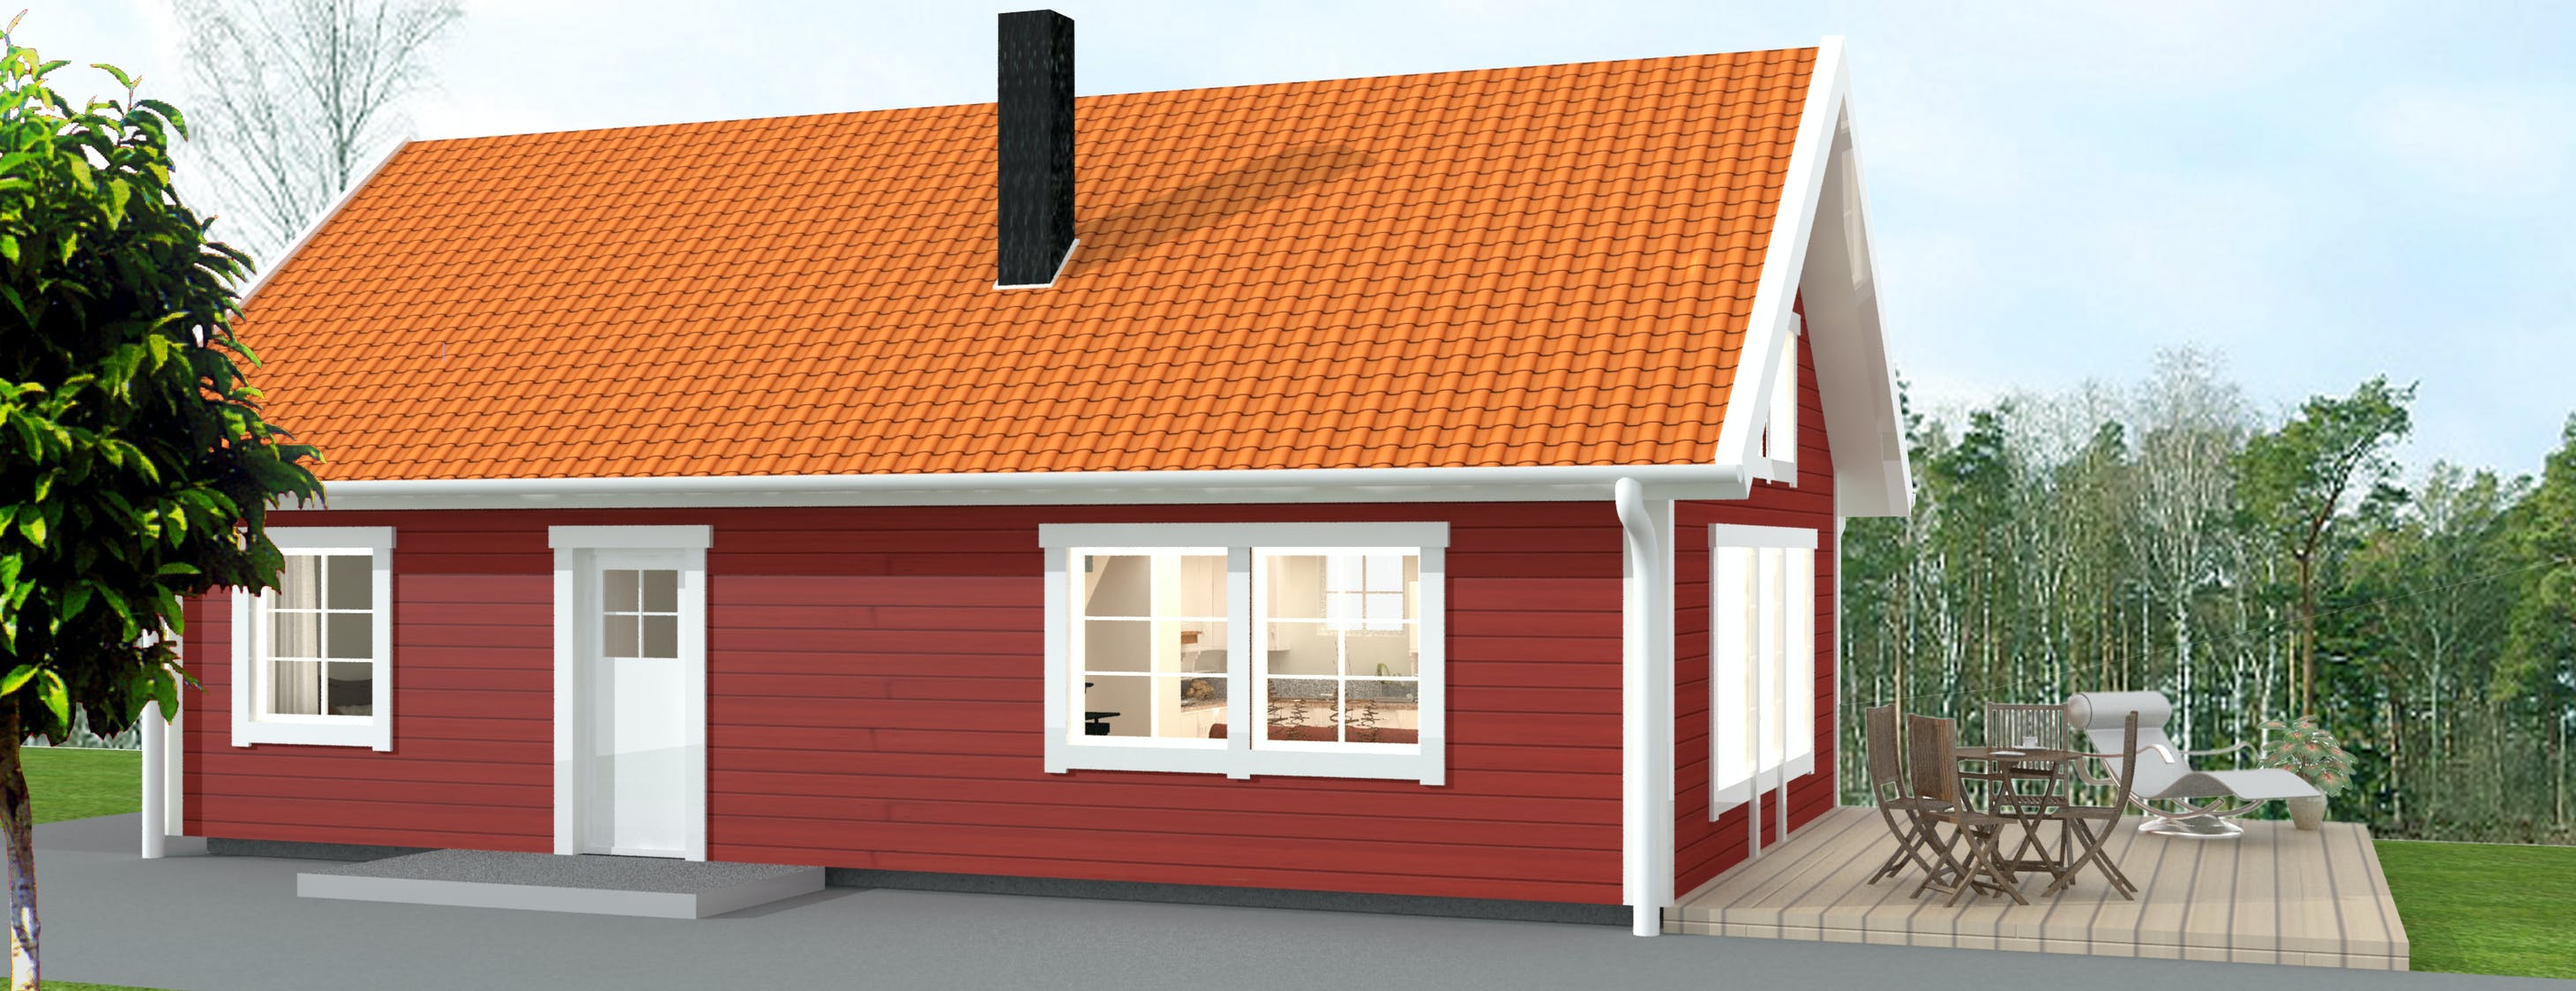 Karsegatan 8, 10 och 12 Köpingsvik